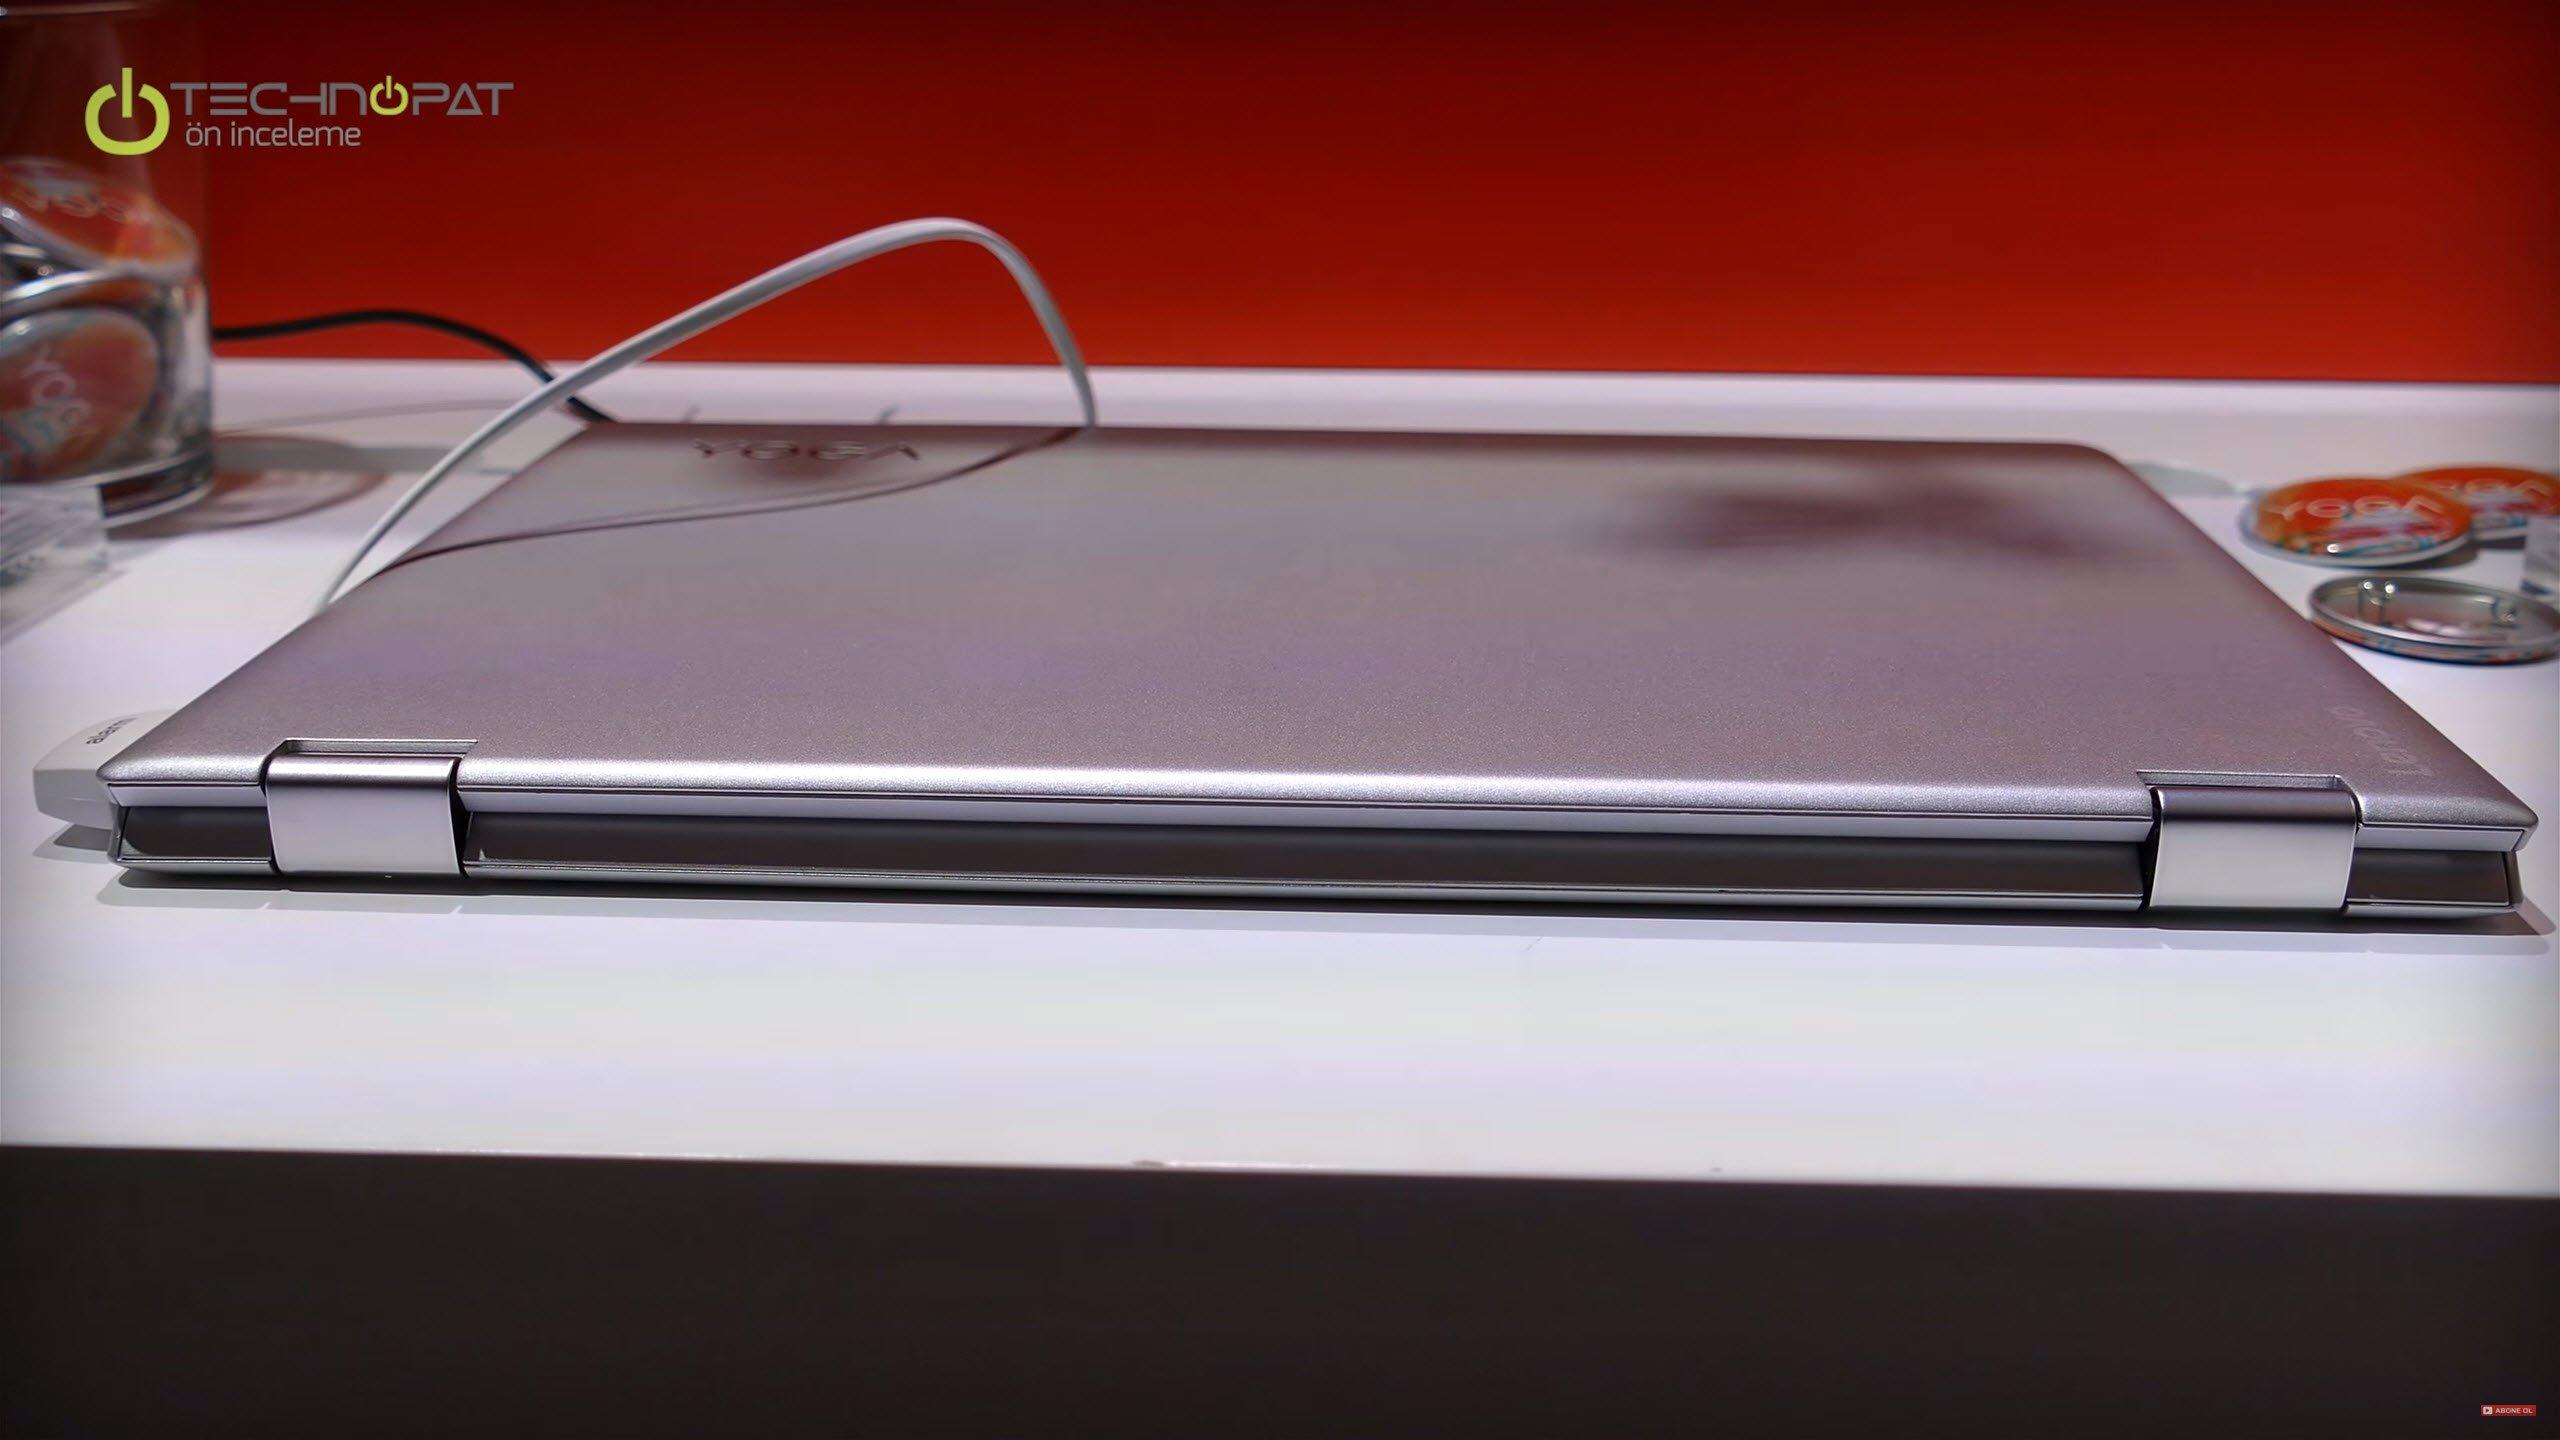 Lenovo Yoga 510: Yoga serisine karakterini veren katlanabilir menteşeler.